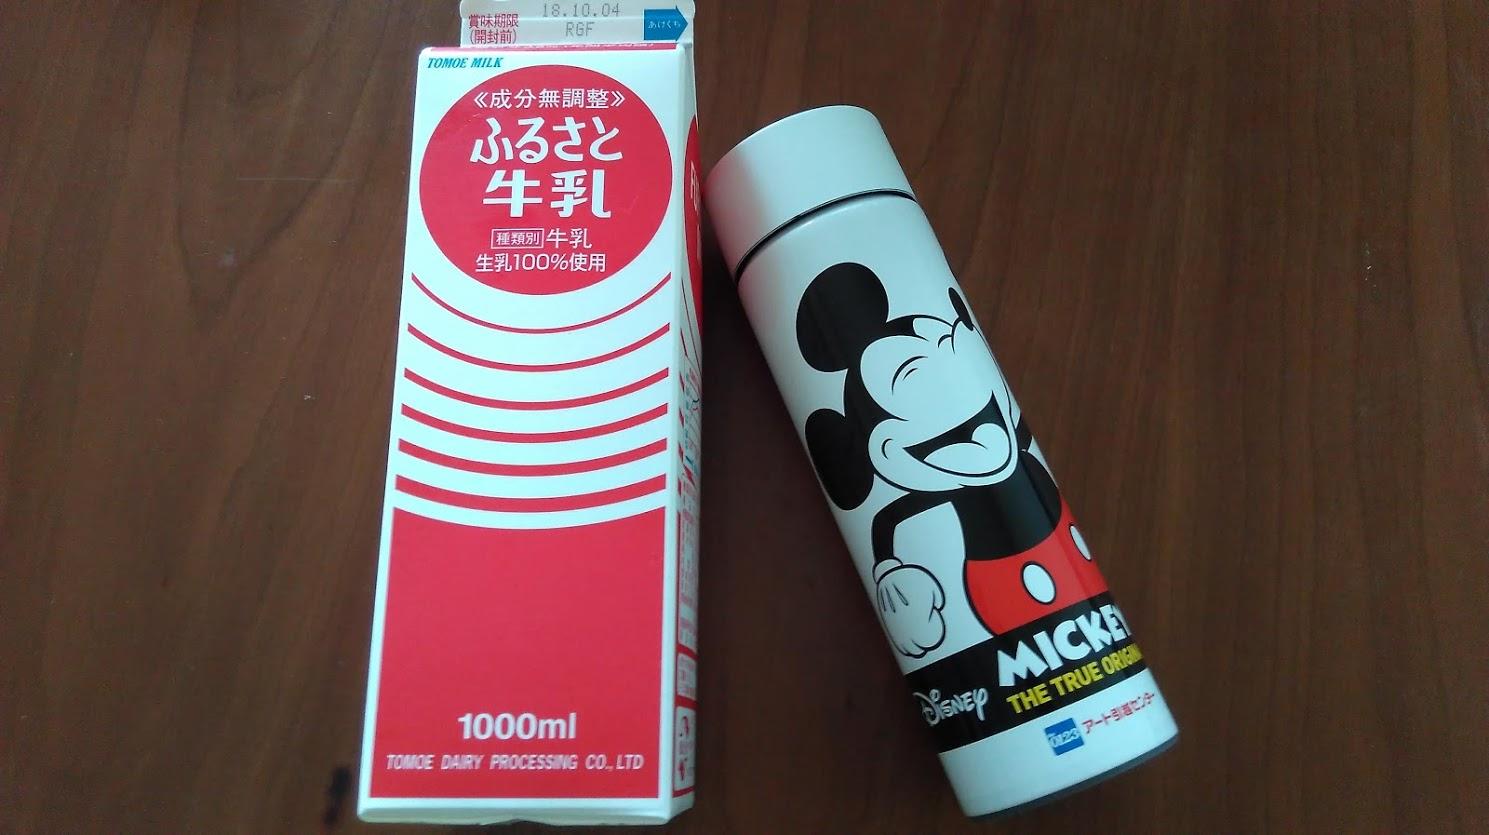 アート引越センター ミッキーマウス90周年記念デザイン アートオリジナルボトル プレゼント